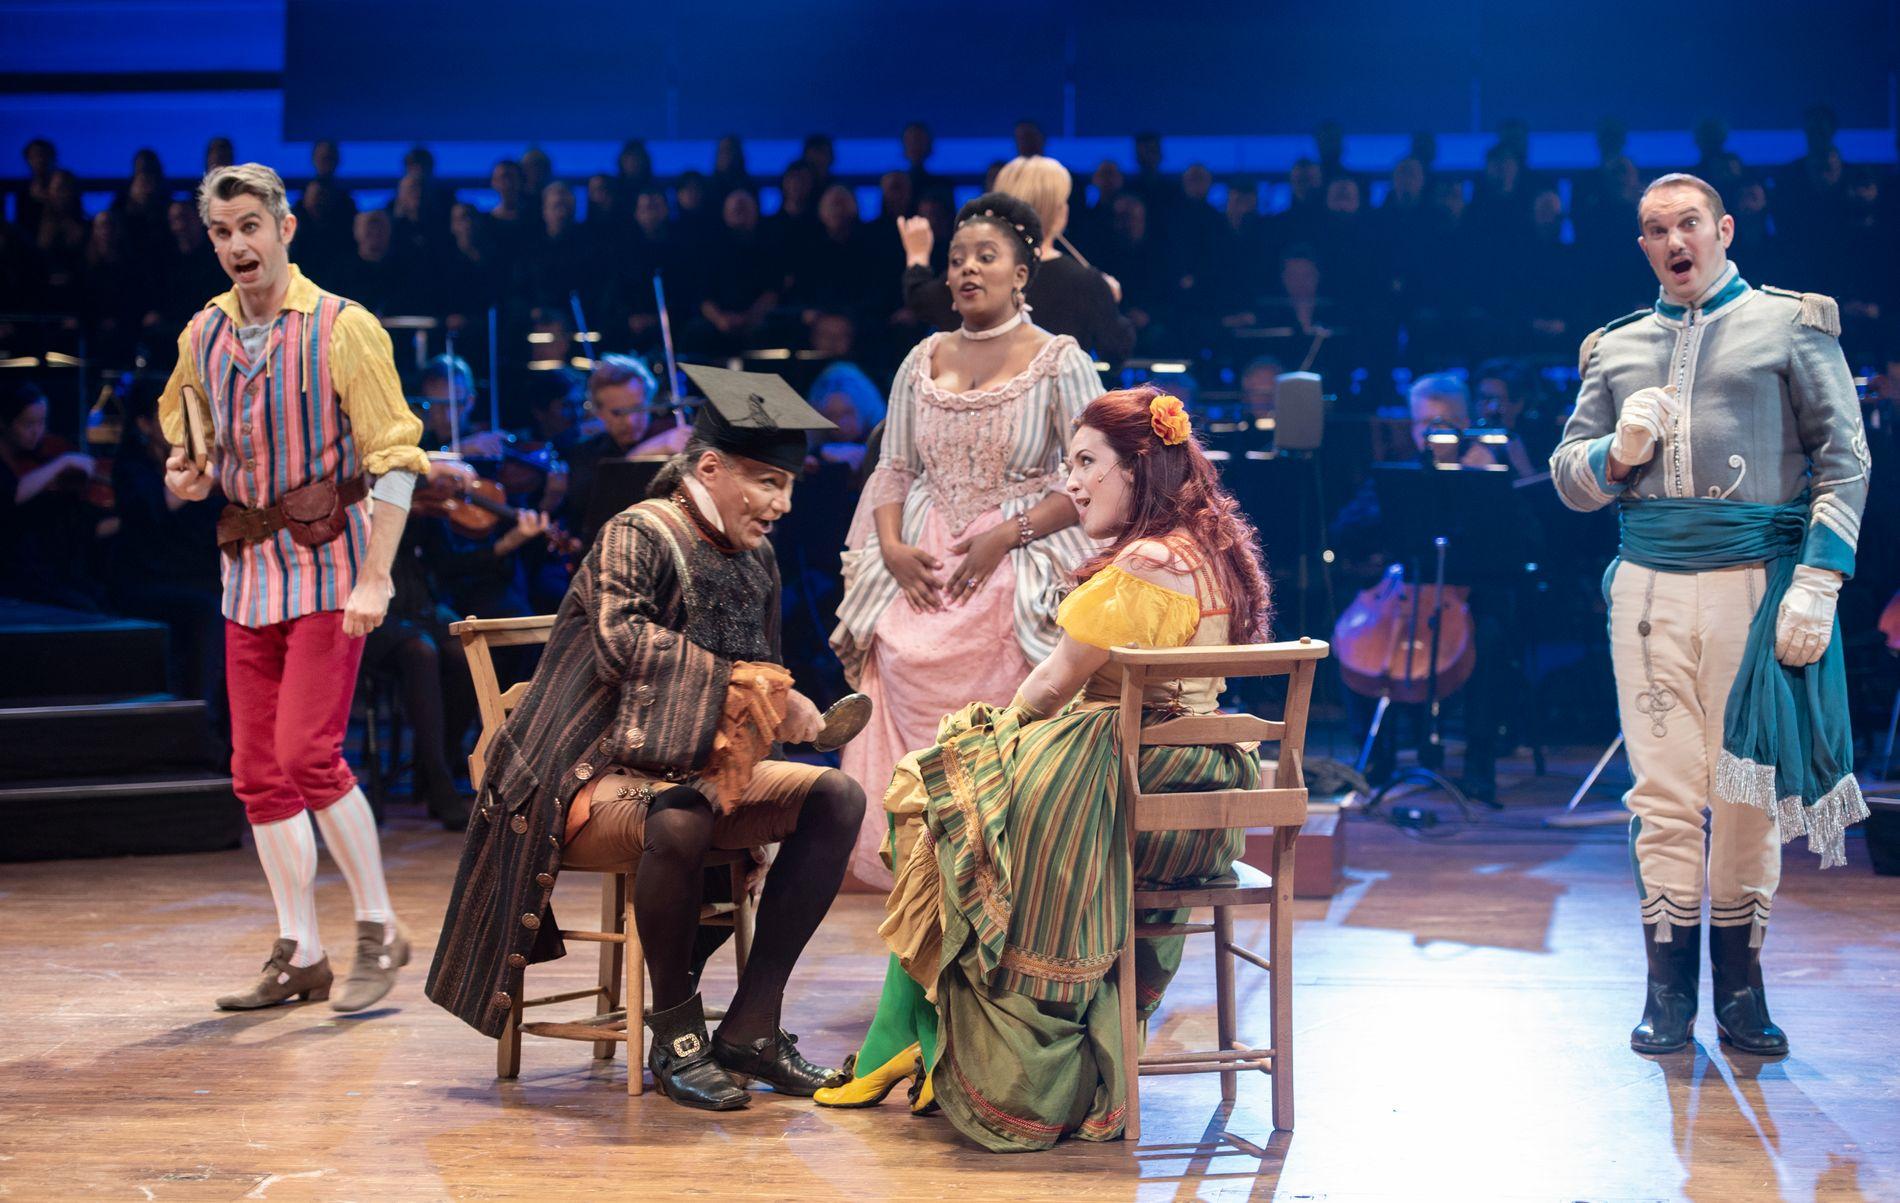 MER SÅNN? Fra BNOs oppsetning av «Candide» i fjor. «Et operahus er et hus der kunstarten og kulturuttrykket opera settes i sentrum. Det være seg det store så vel som det lille formatet, moderne musikkteater så vel som klassiske standardverk, fornøyelse så vel som forargelse», skriver Kristin Knudsen.